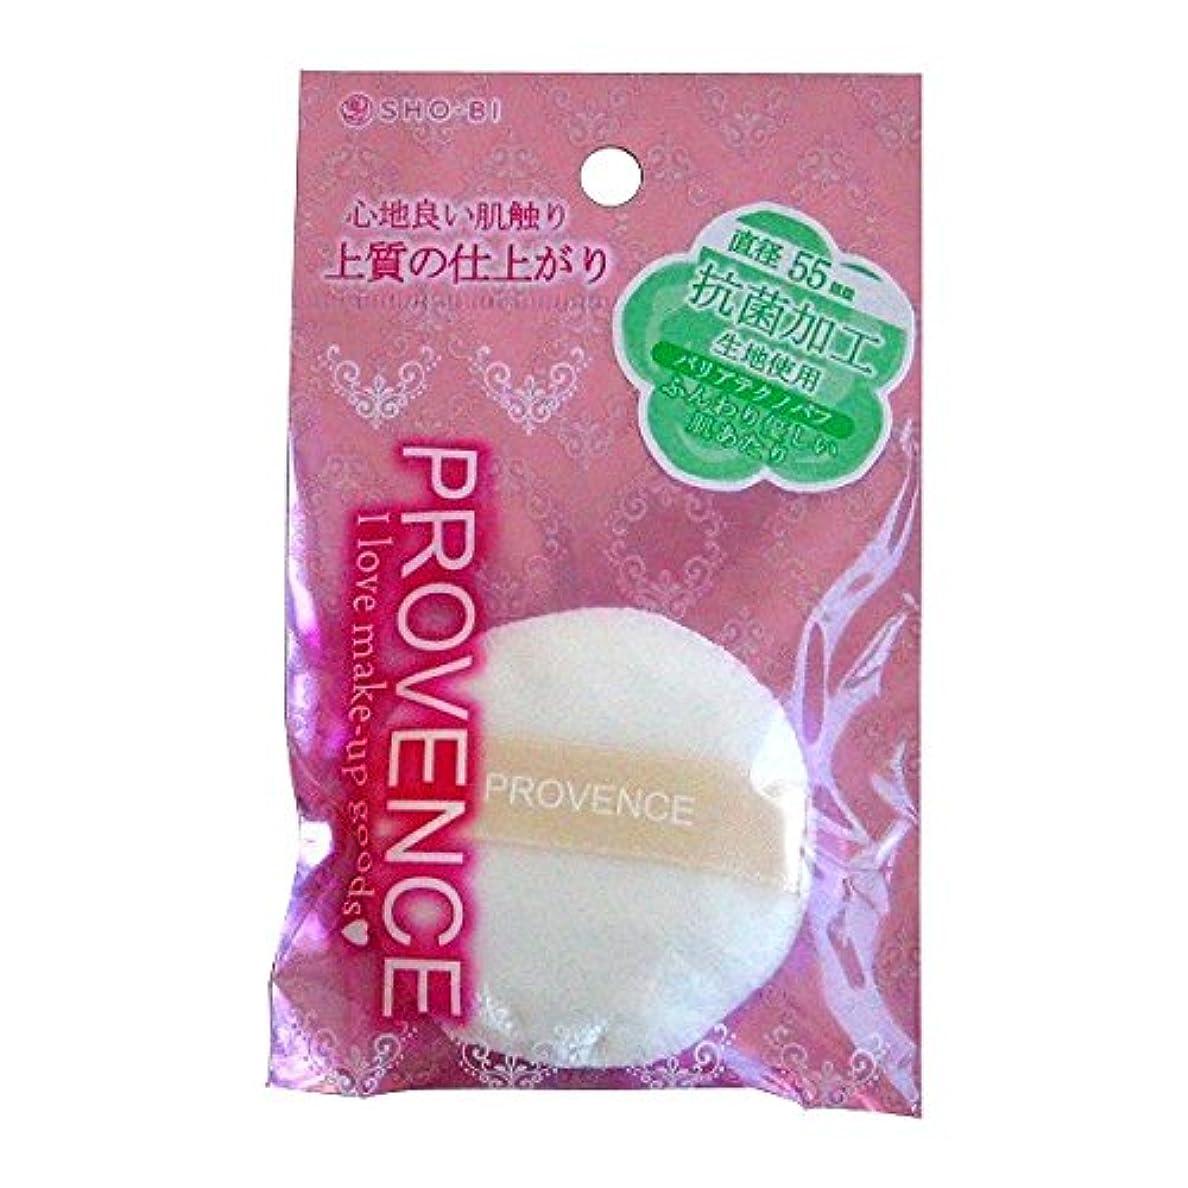 パススキャンダルフェリーPROVENCE(プロヴァンス) バリアテクノパフ SPV70153